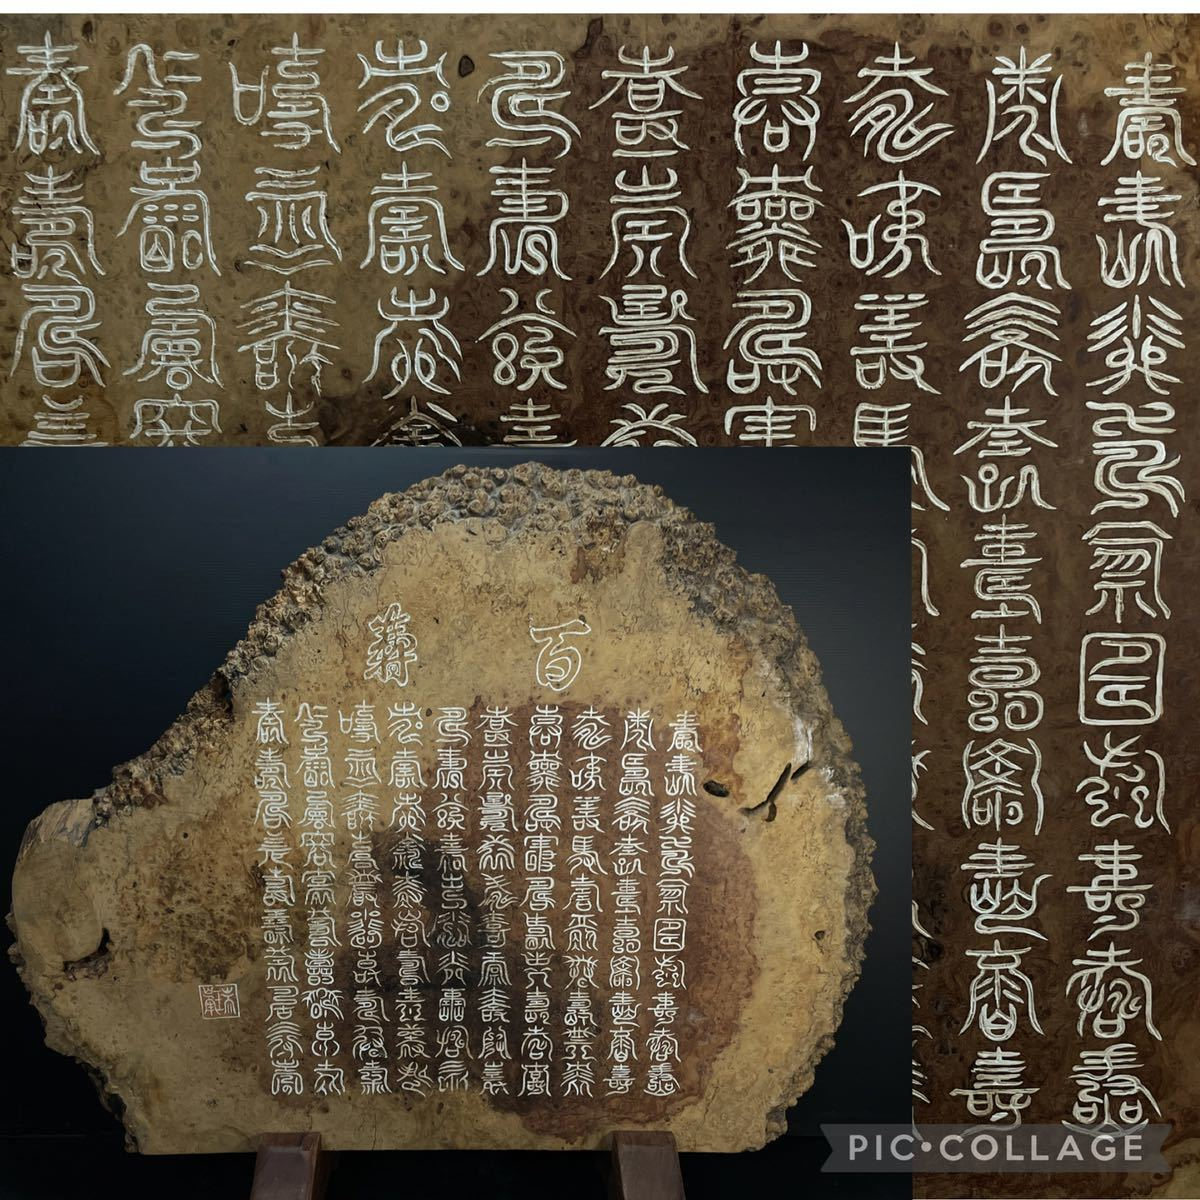 9 中国古玩 特大 花梨 衝立 漢詩細密彫刻 細密玉杢 高約85㎝ 脚無約97.5×76×3.5㎝ 脚30×6.2×12㎝